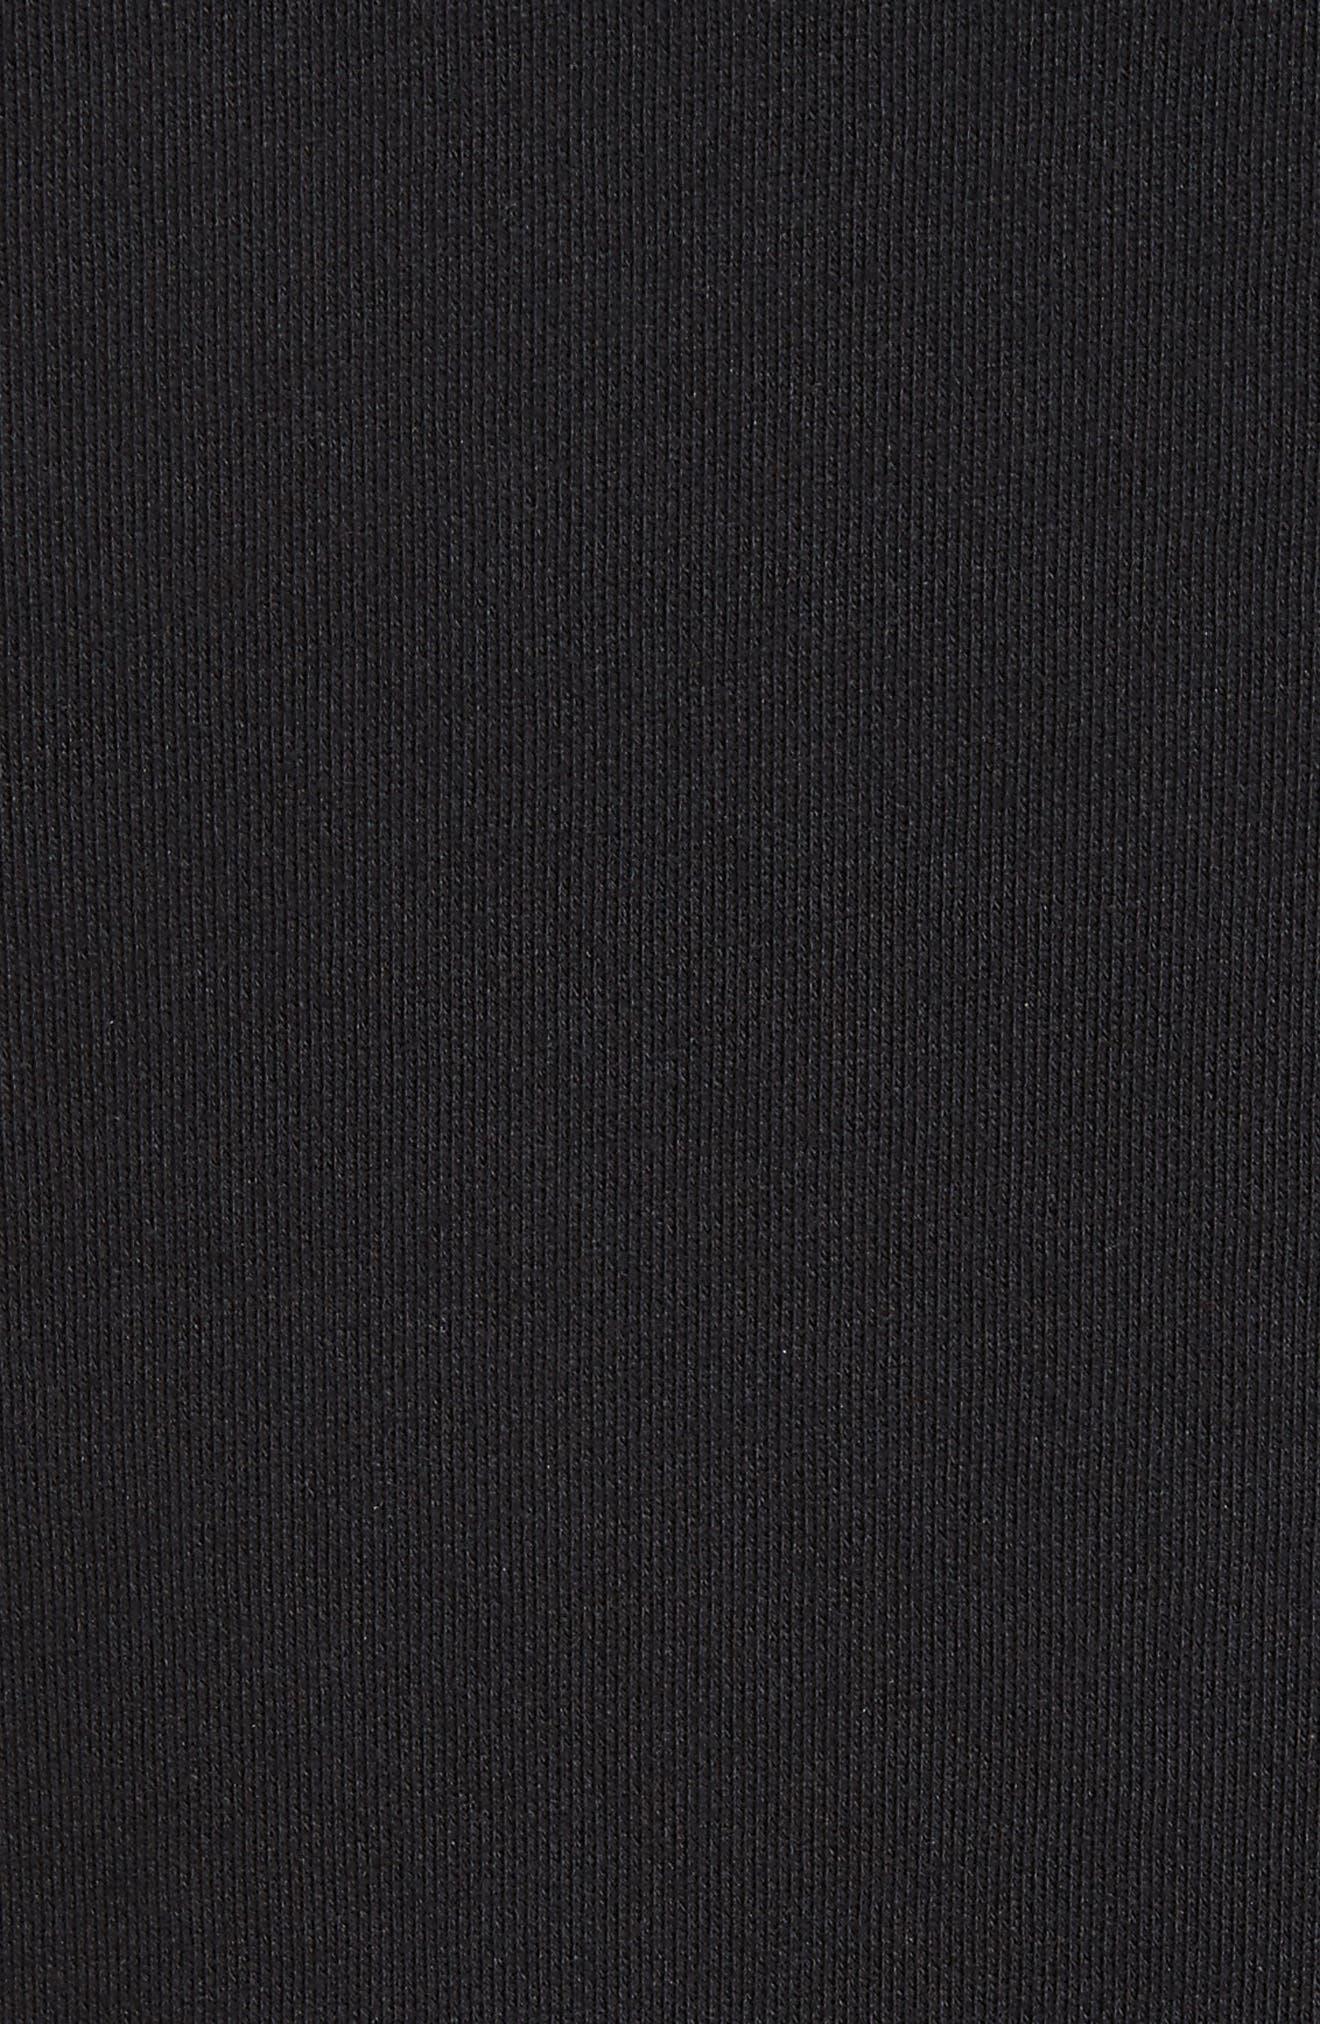 patch sweatshirt,                             Alternate thumbnail 5, color,                             001